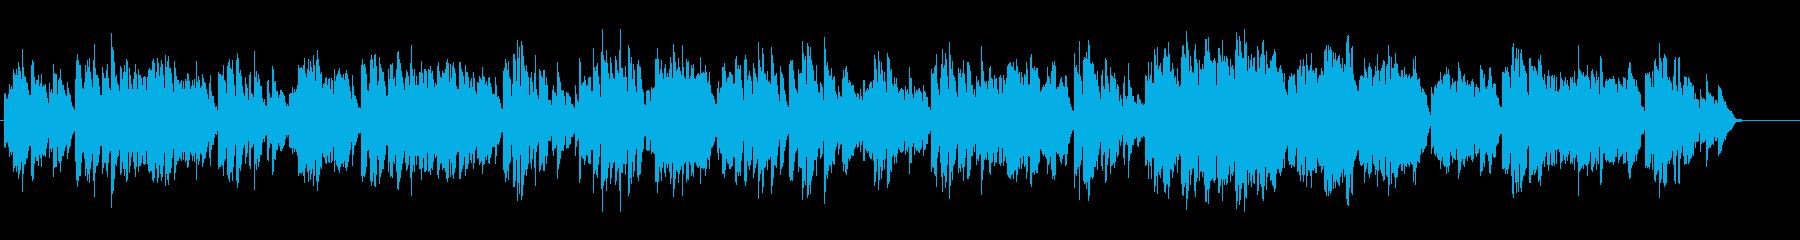 バッハ/暗いメヌエットをヴァイオリンでの再生済みの波形